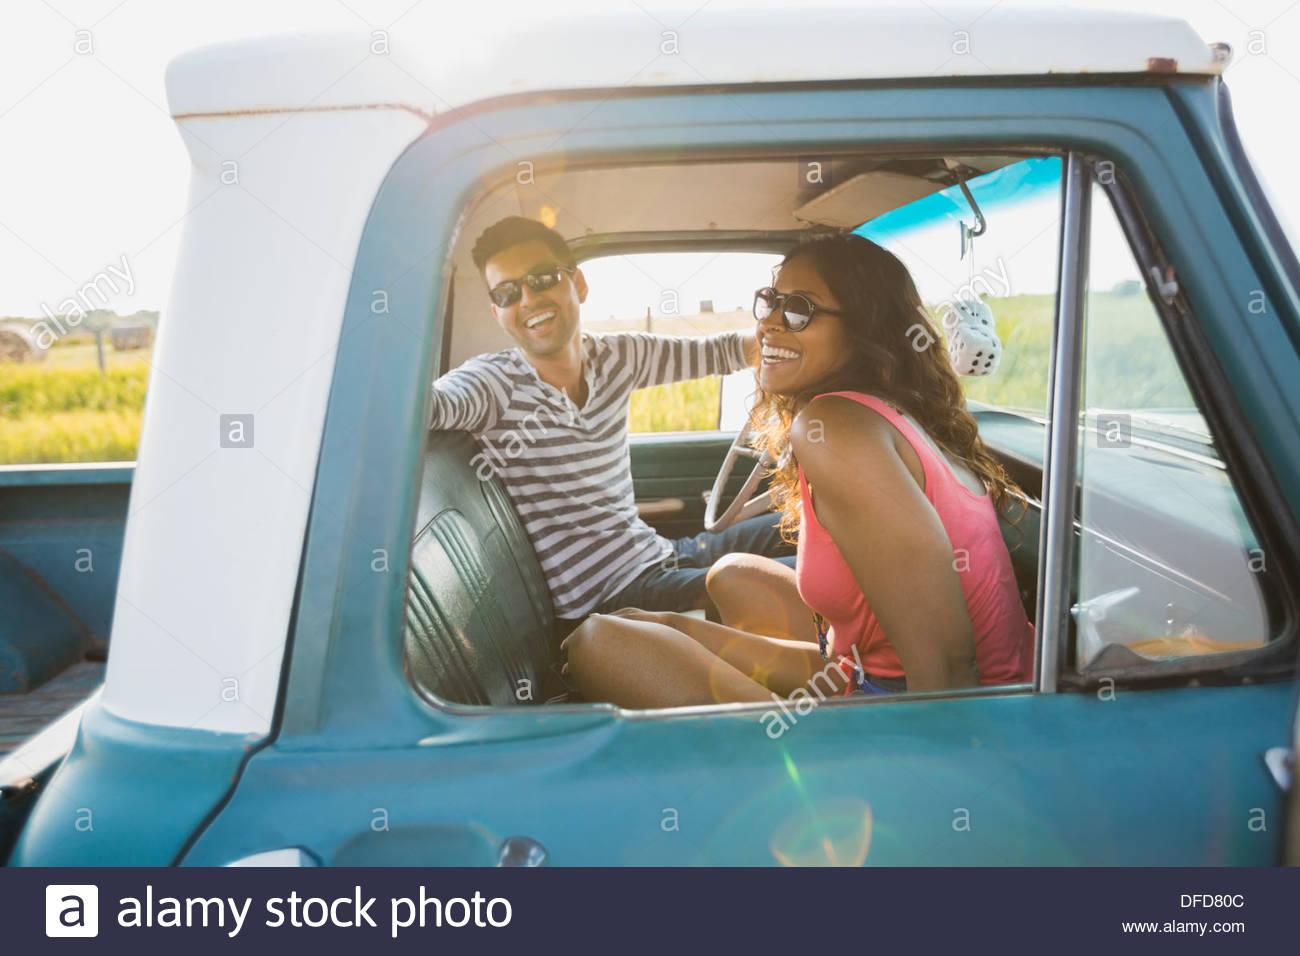 Fröhliches junges Paar sitzt in Pick-up-truck Stockbild